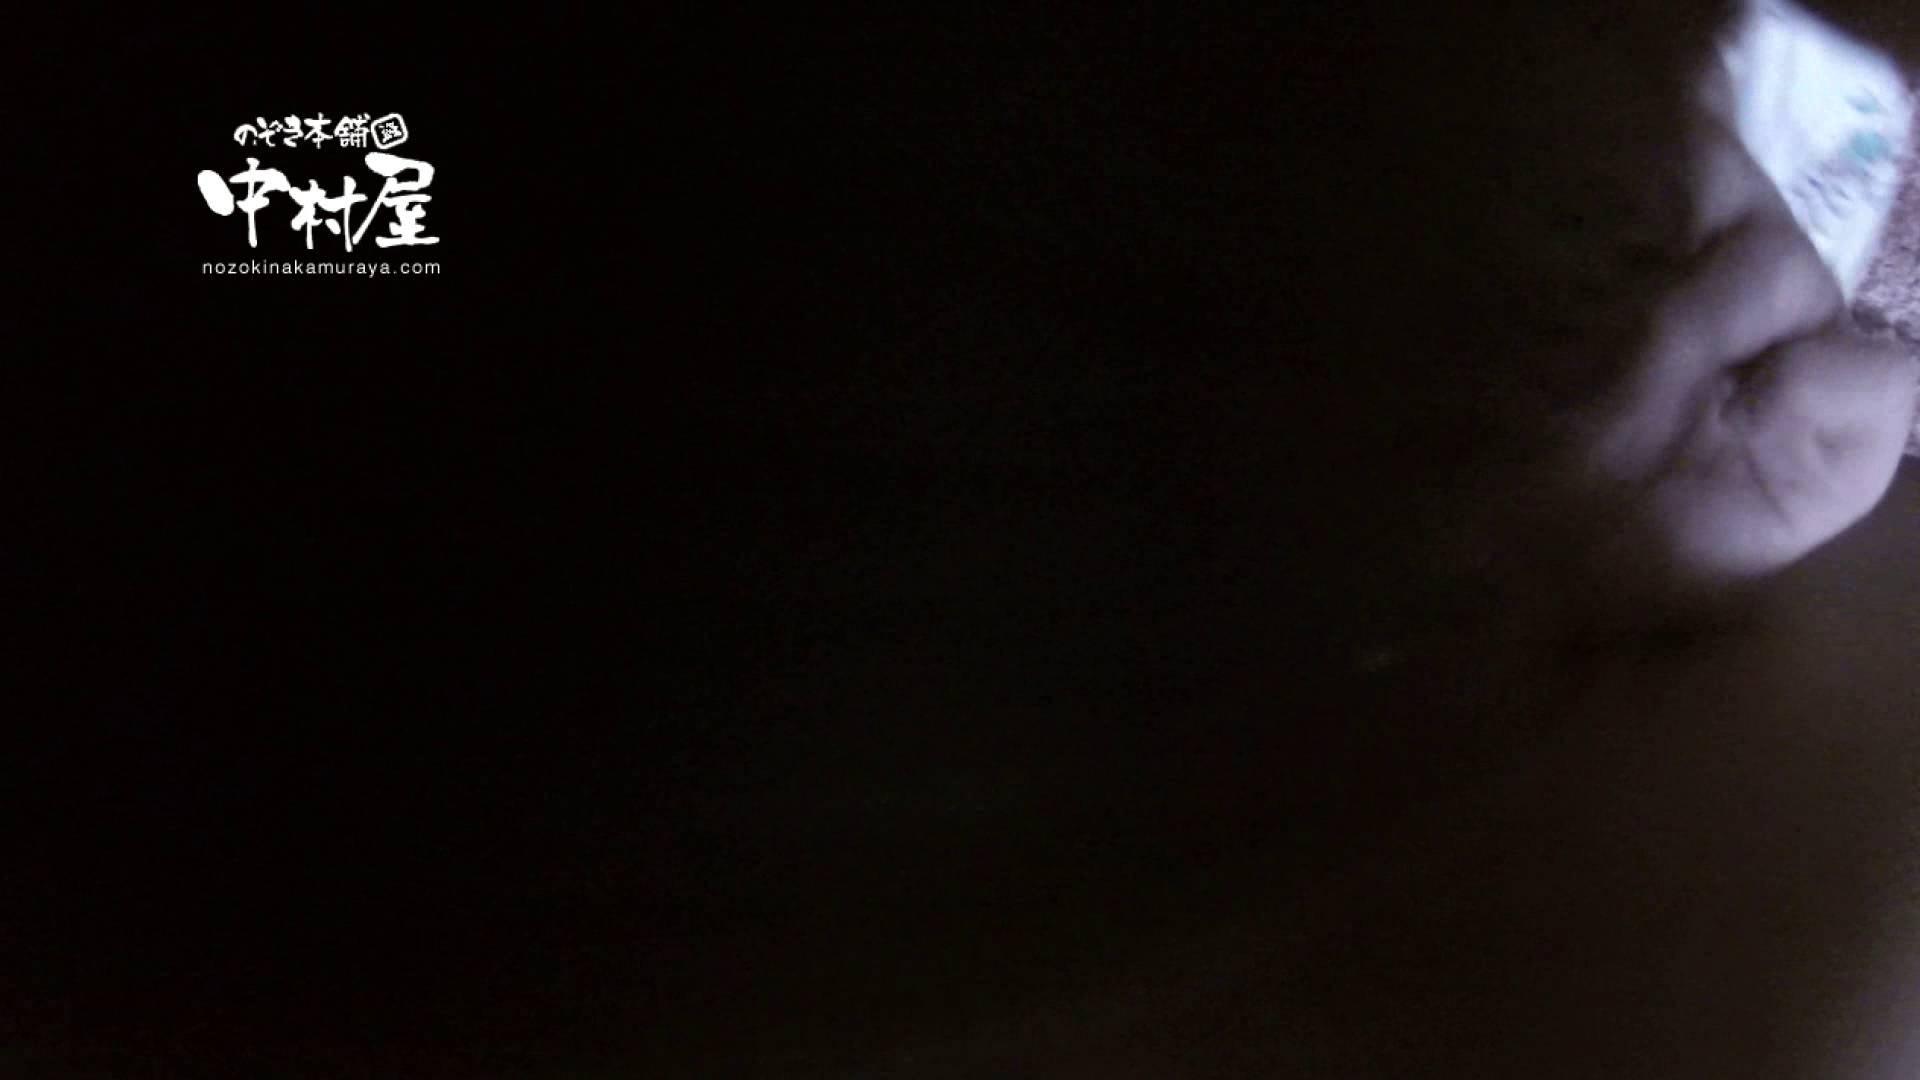 鬼畜 vol.10 あぁ無情…中出しパイパン! 前編 中出し | パイパン  101連発 21